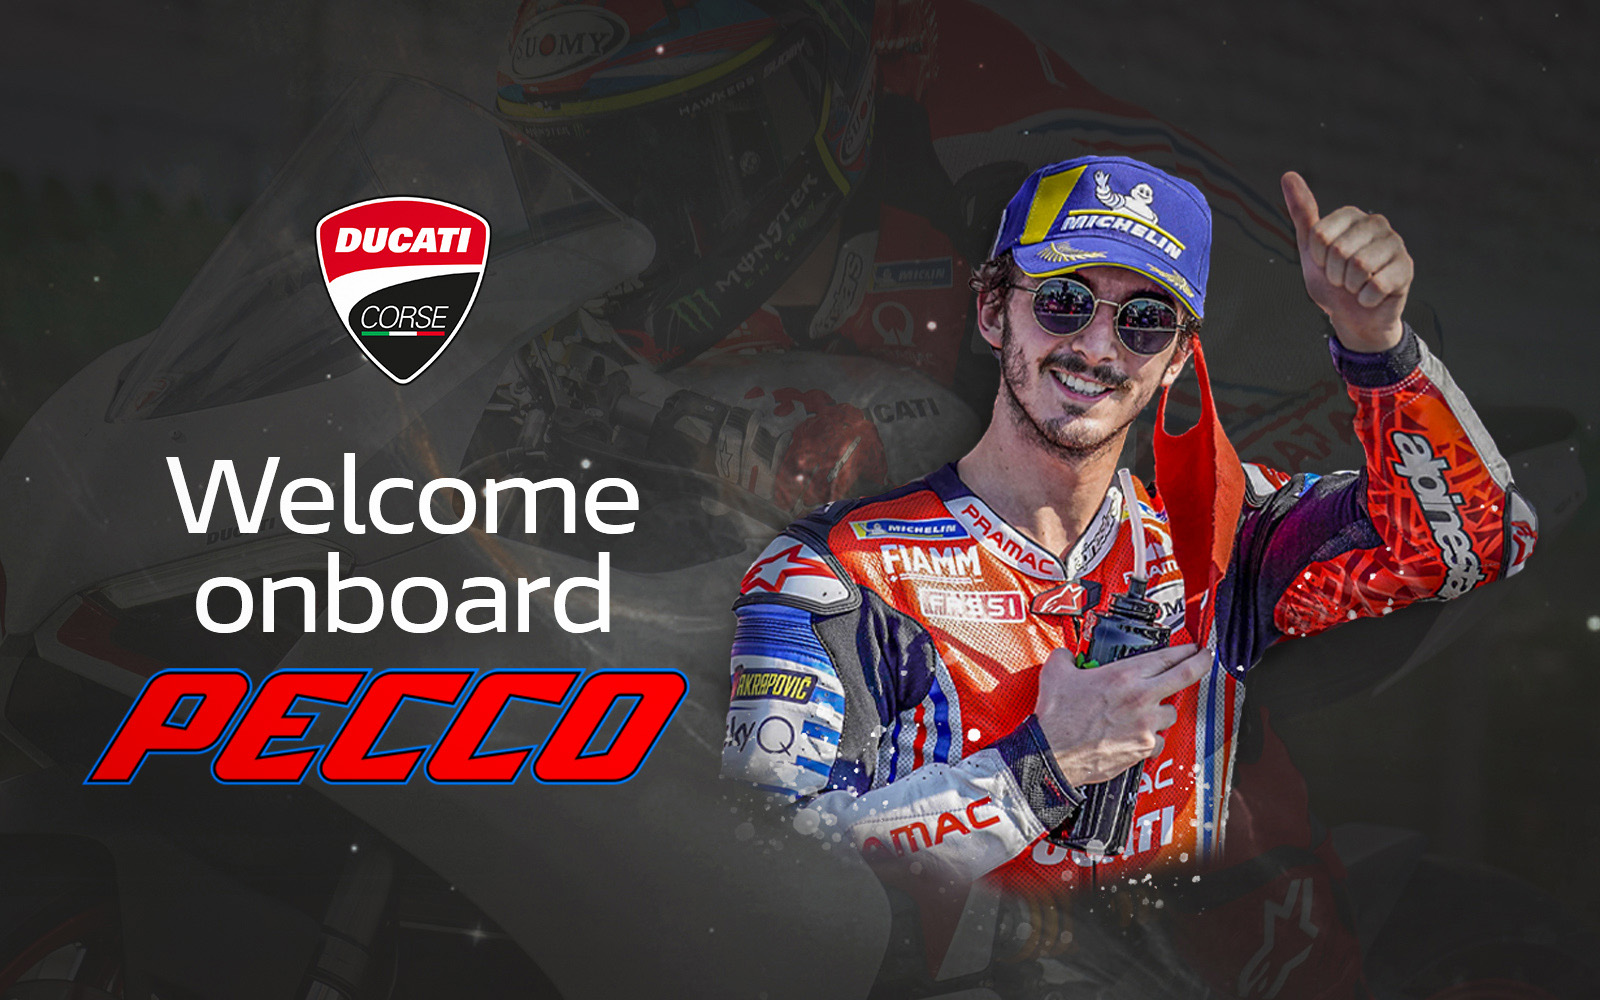 MotoGP: Ducati anunció sus pilotos oficiales para la temporada 2021